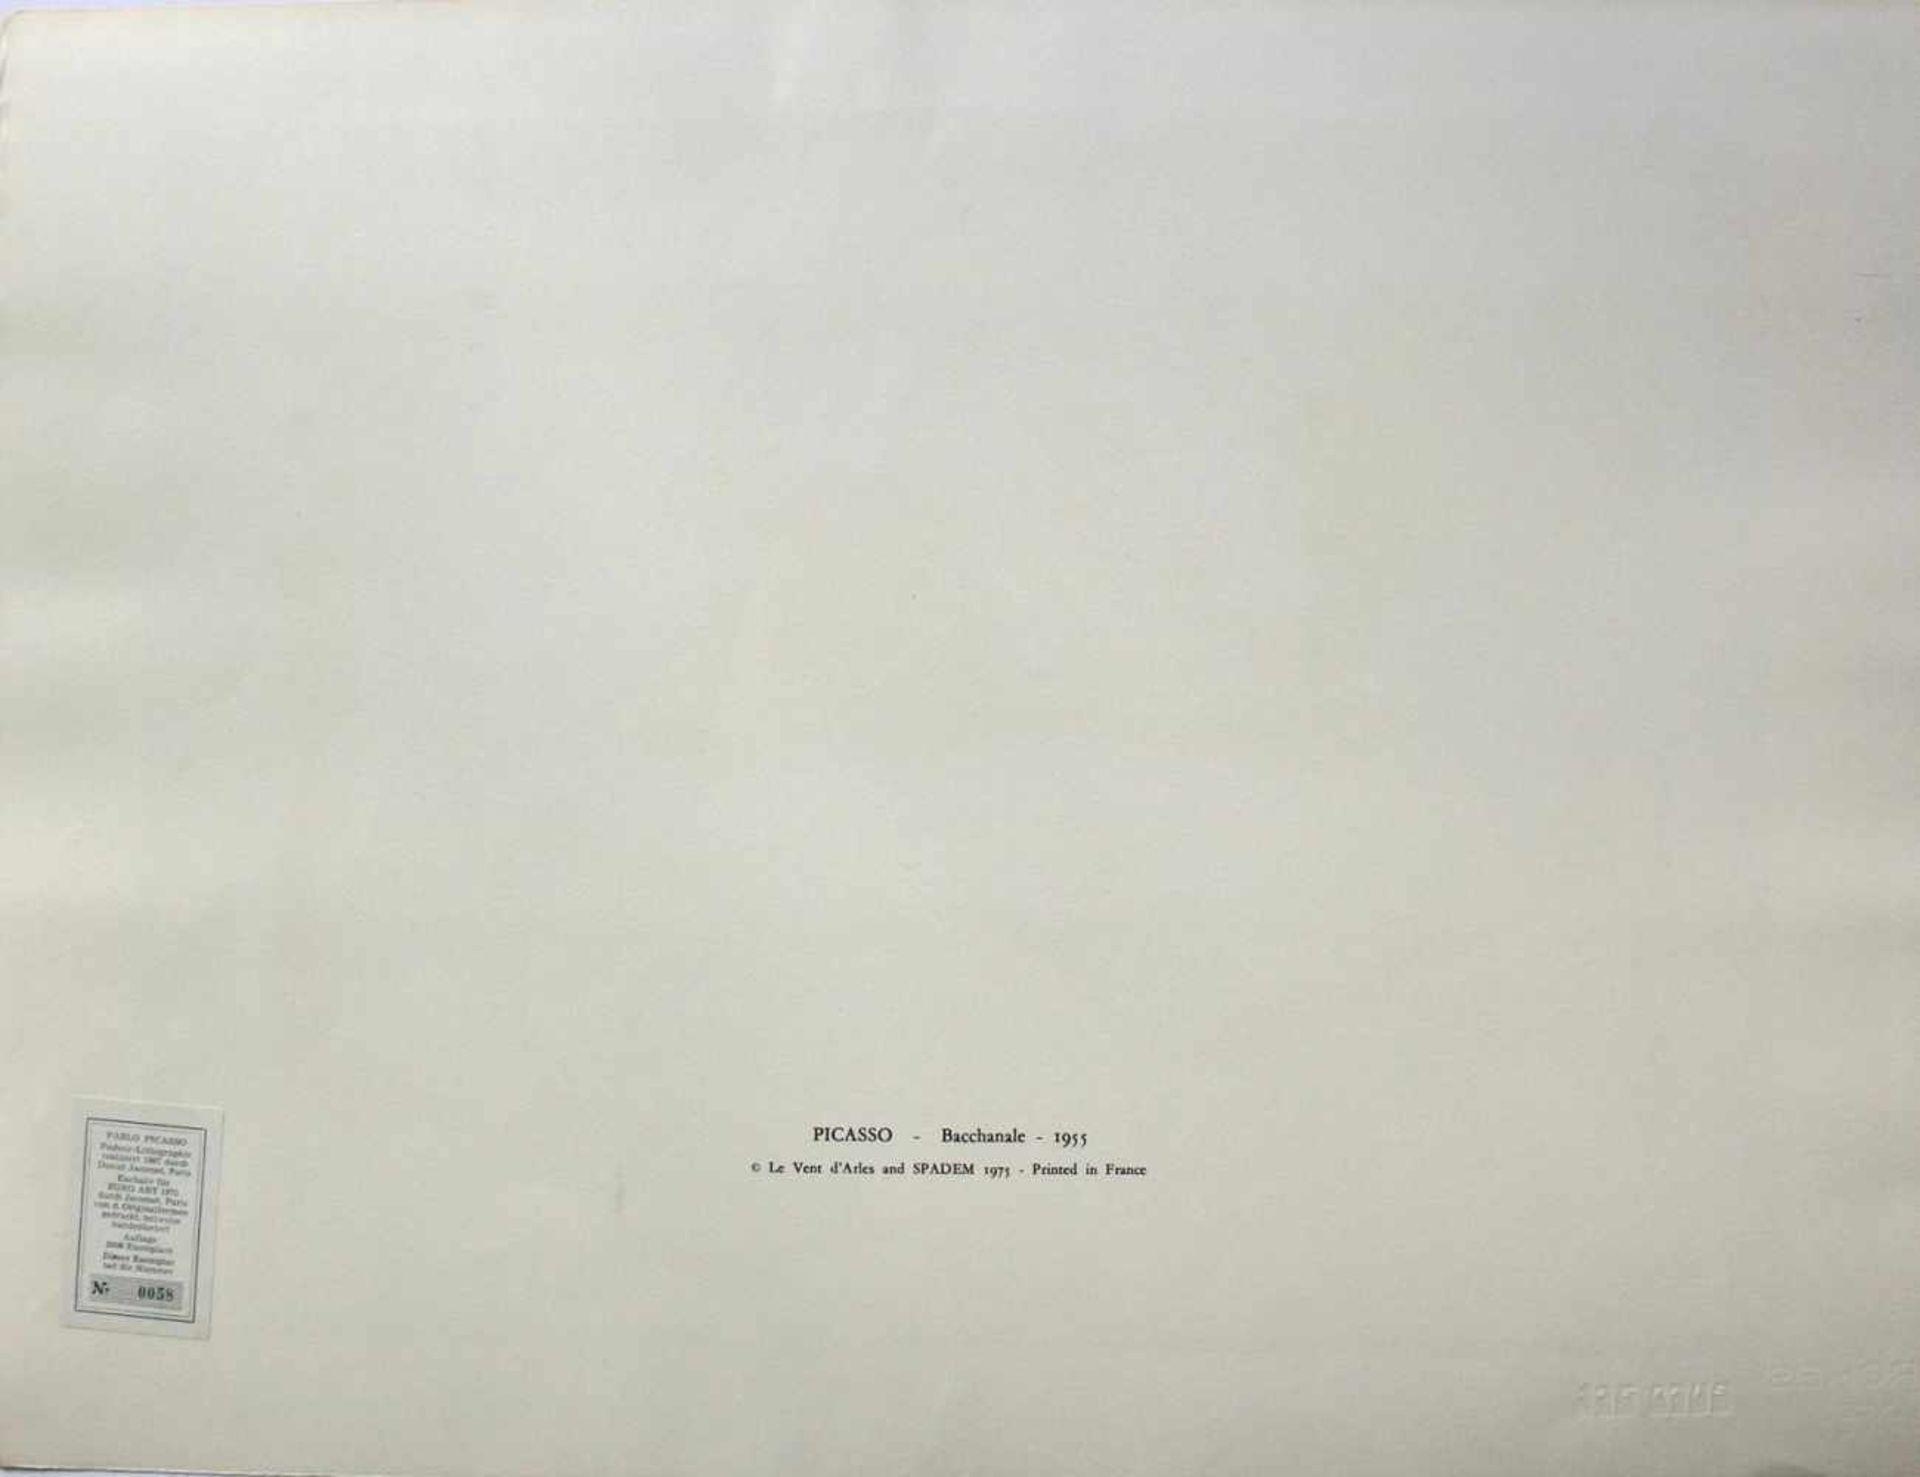 """Pablo Picasso 1881 - 1973 """"Bacchanale"""" 1955 Pochoir Lithographie stempelsigniert, Stempel Verso ("""" - Bild 3 aus 5"""